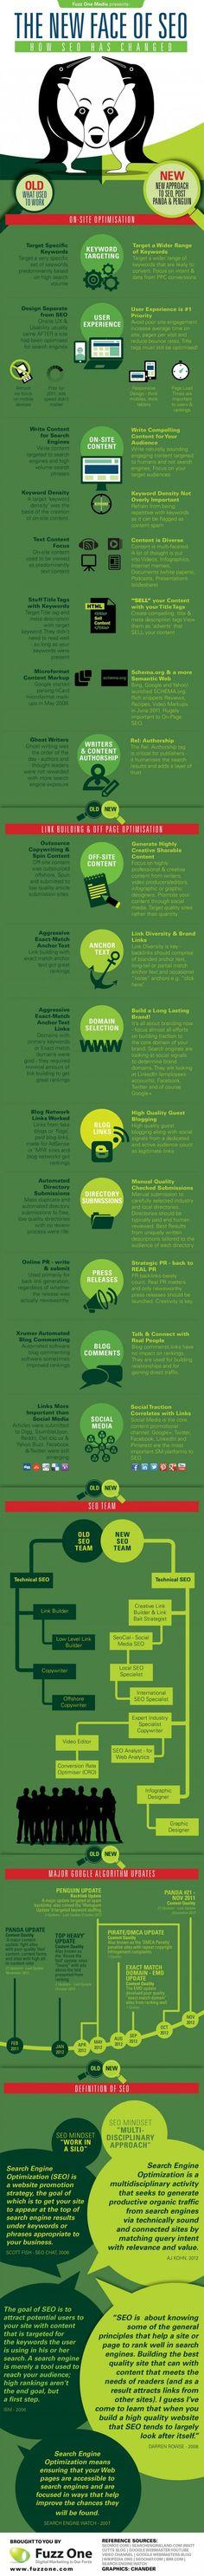 Passive Income- Caratteristiche e competenze del SEO del 2013 #SEO #infographic Internet Marketing Infographics courtesy  #PurposeAdvertising